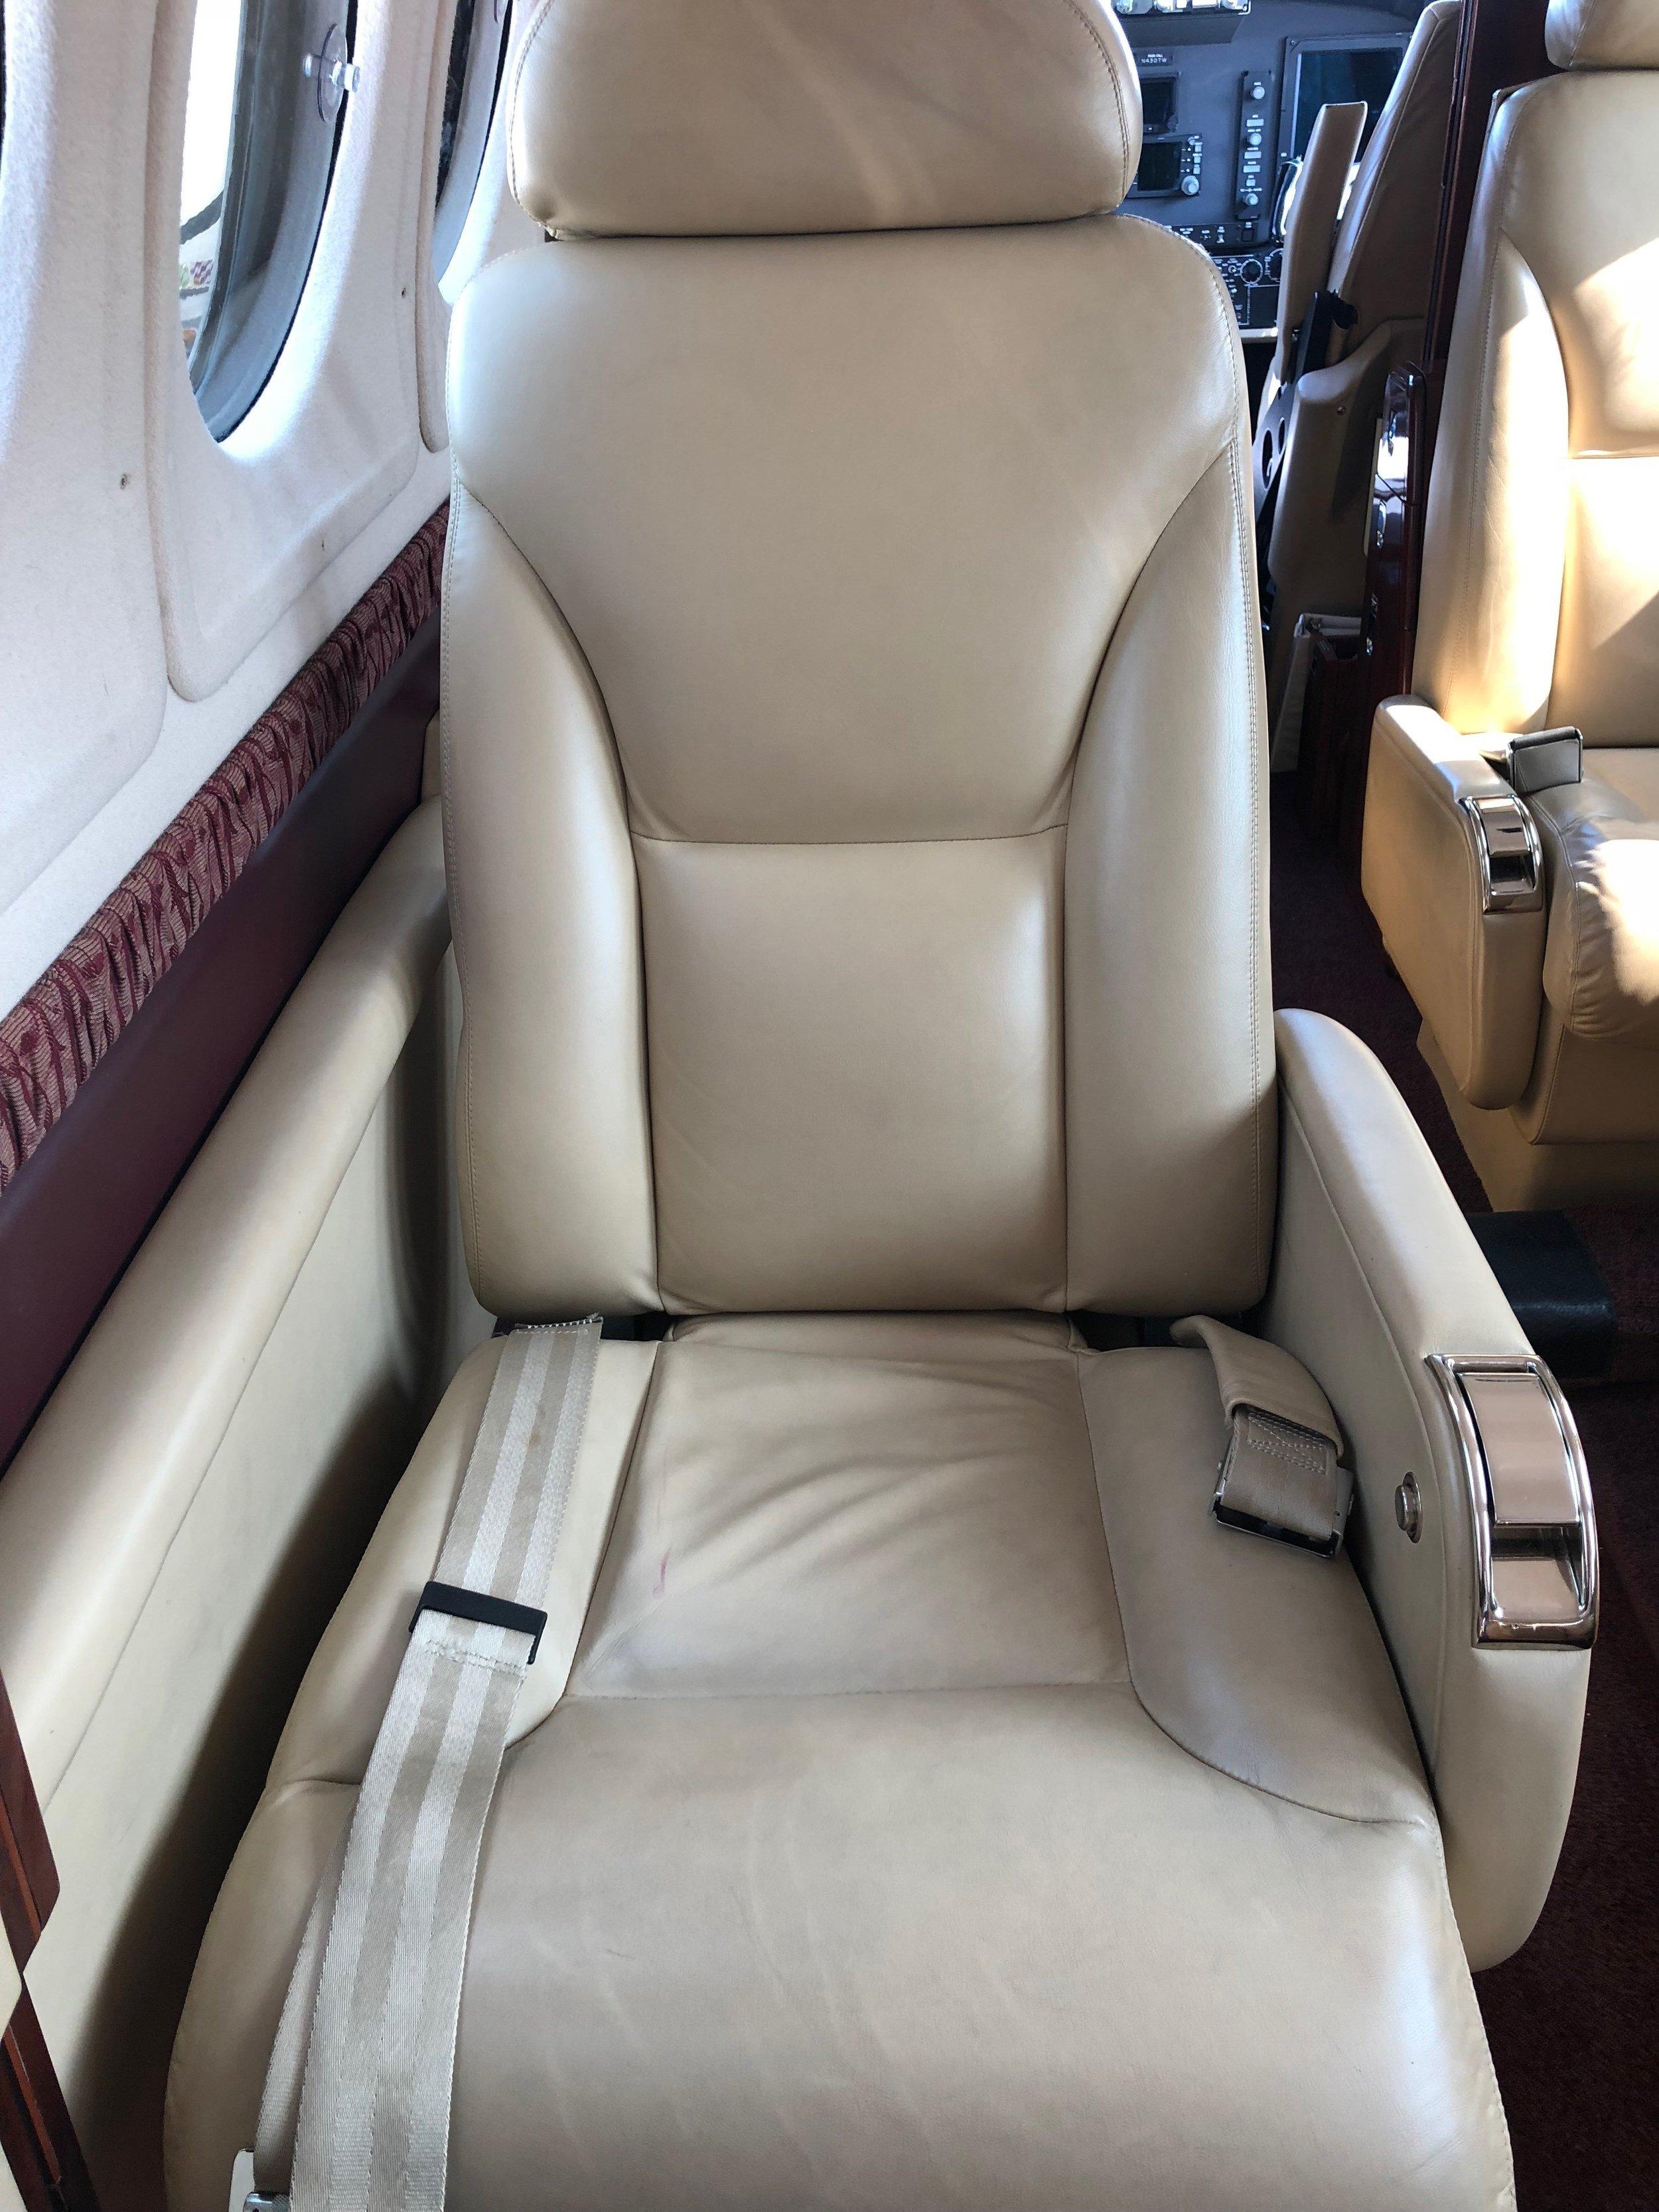 BB-1935 (10-18) Cabin seat.jpg